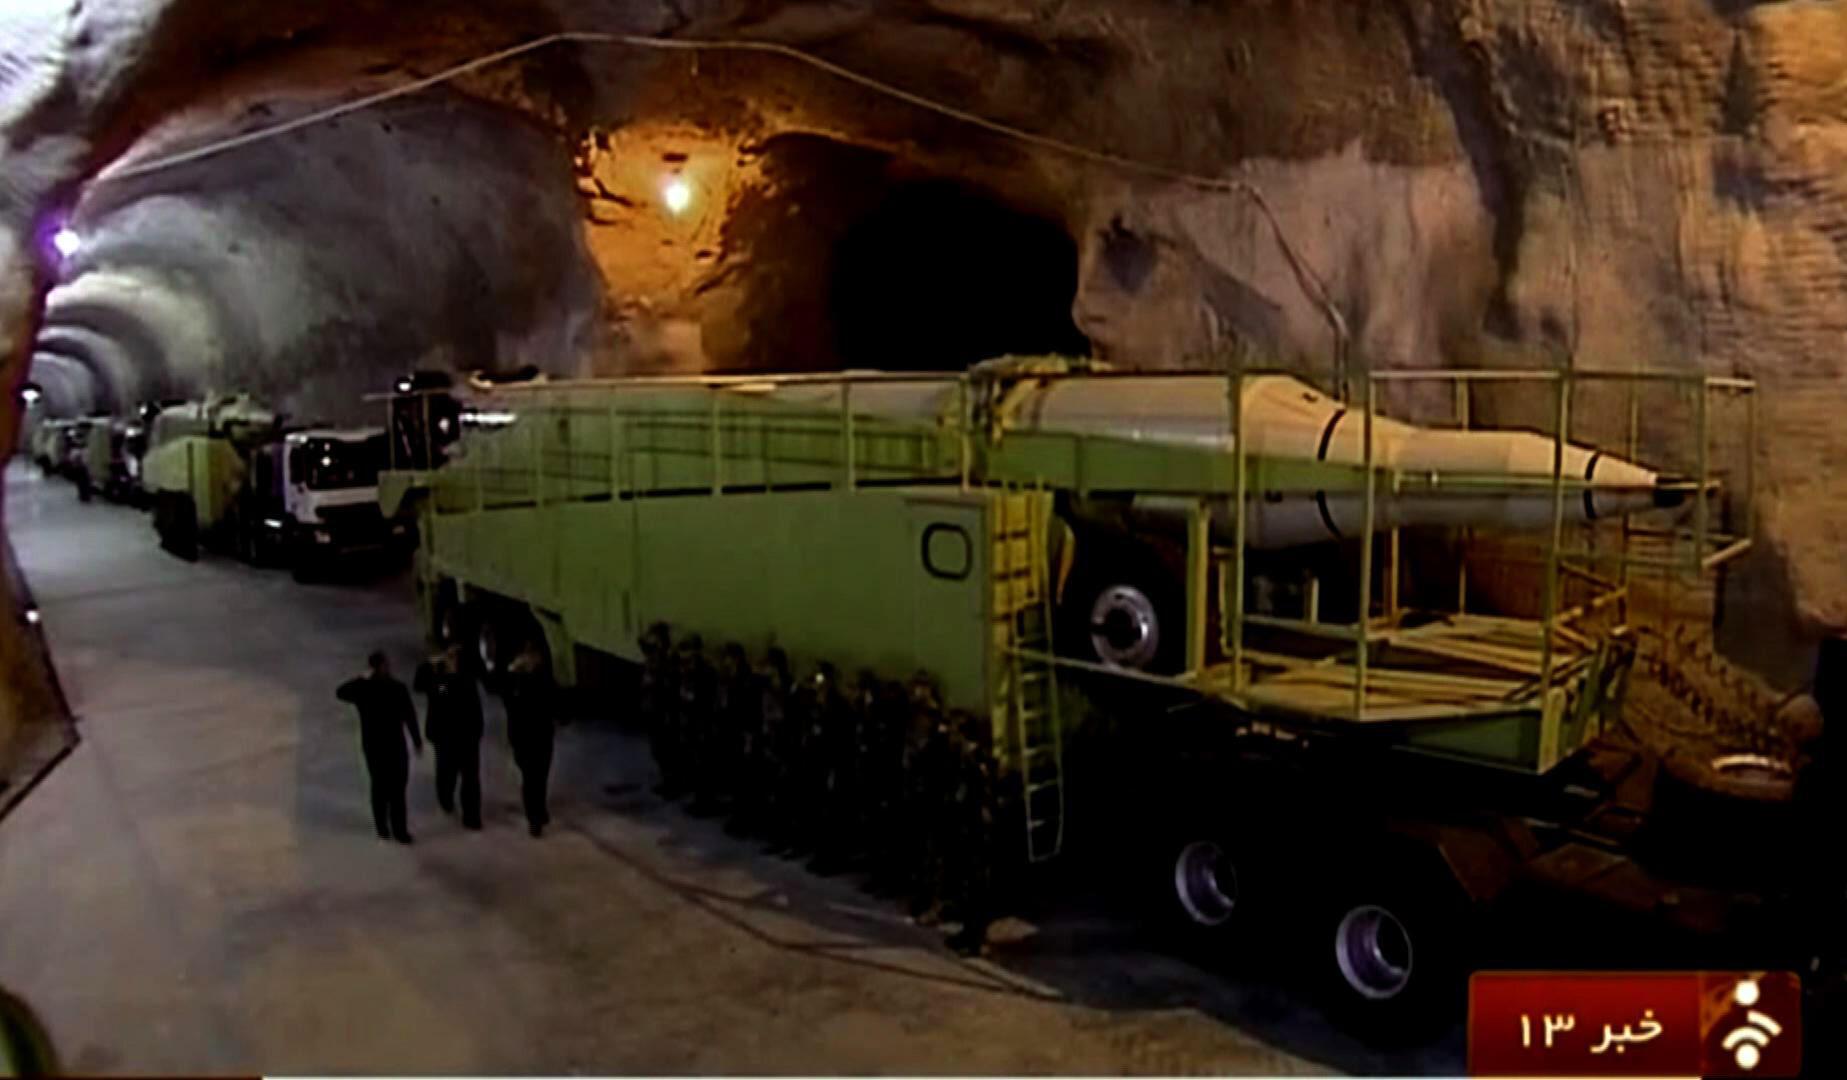 Des images diffusées par la télévision d'Etat montrant des véhicules lance-missiles suposés être entreposés dans une base militaire souterraine.